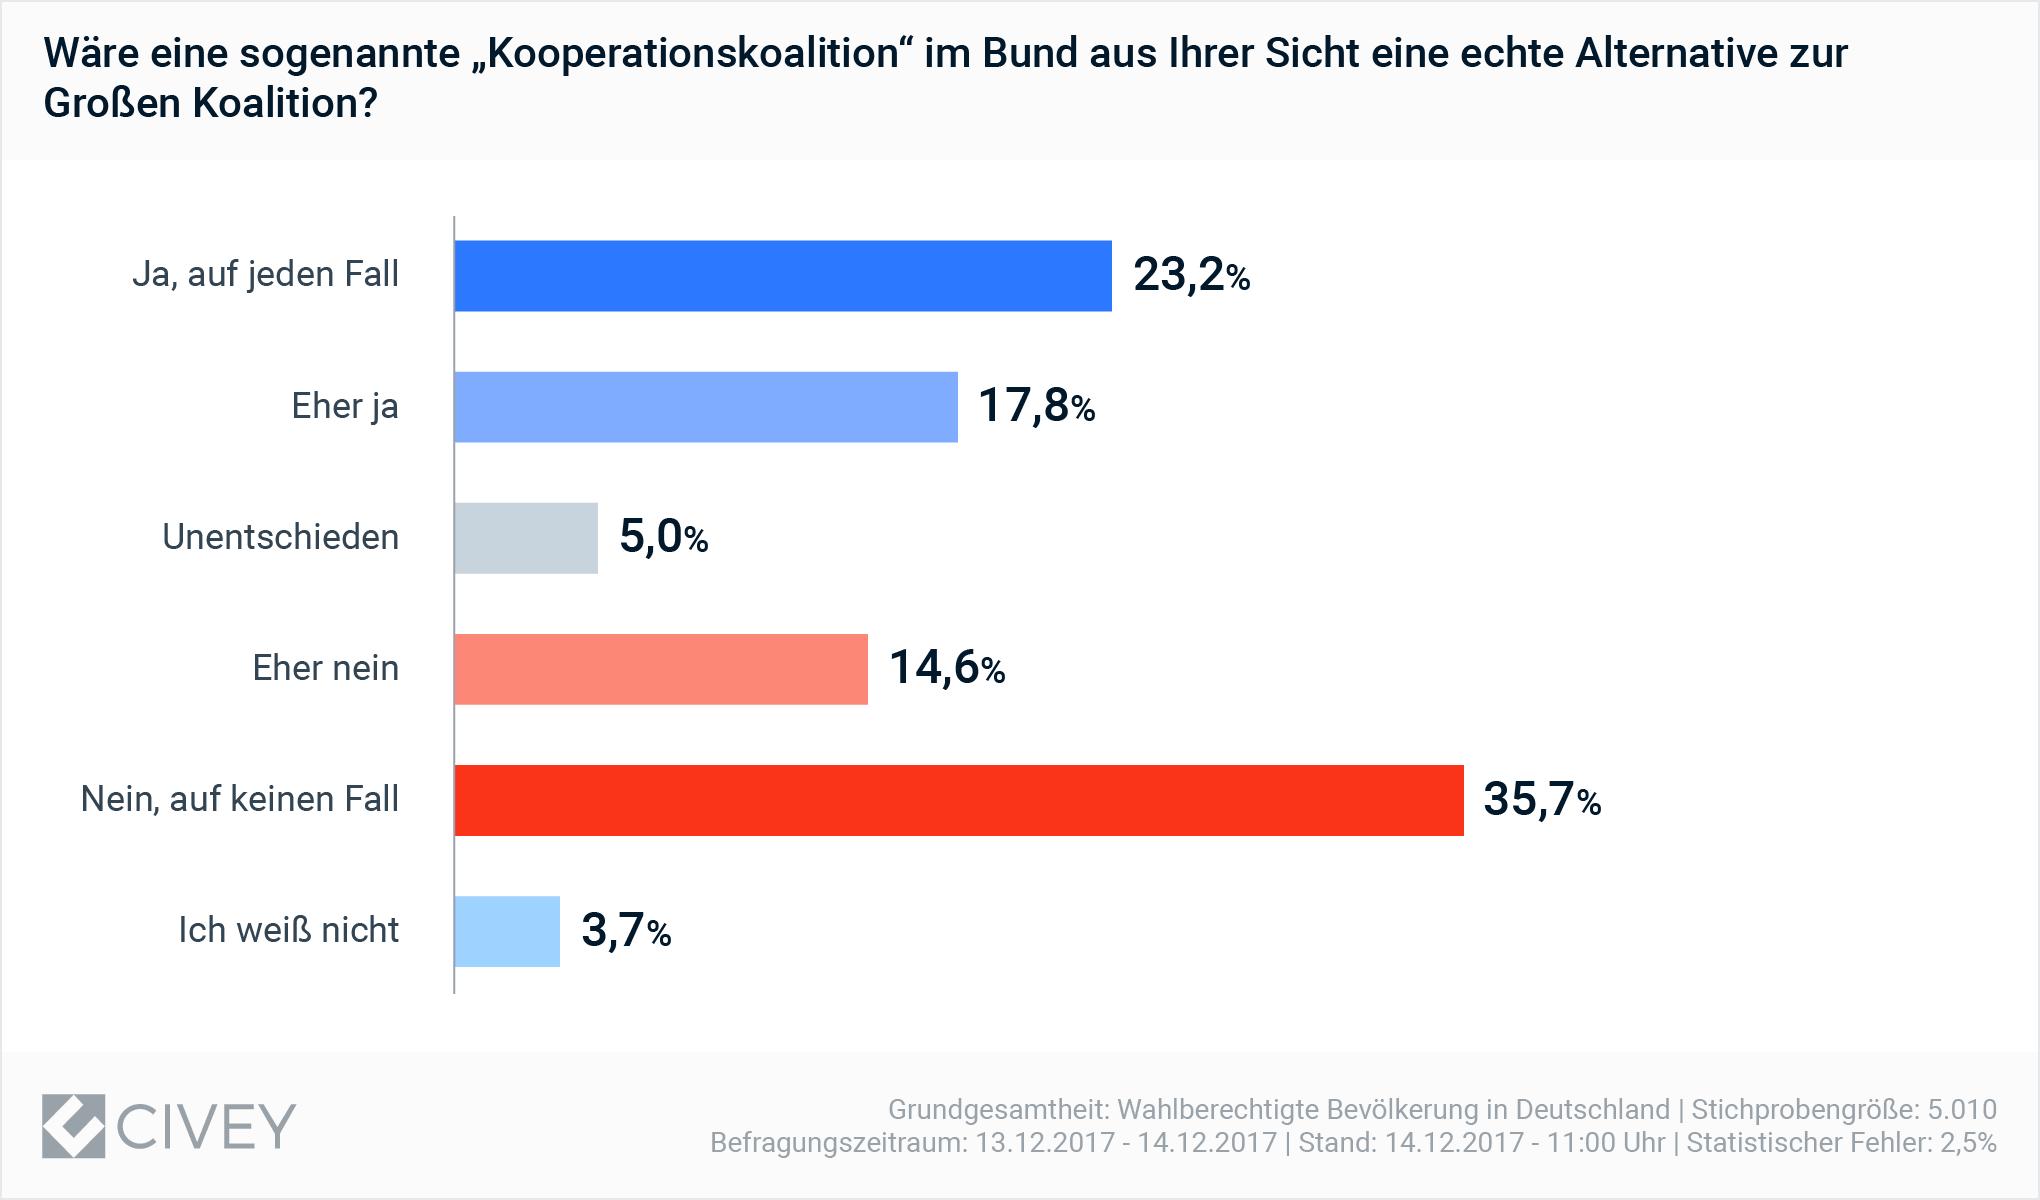 KoKo ist für die meisten Deutschen keine echte Alternative zu einer großen Koalition